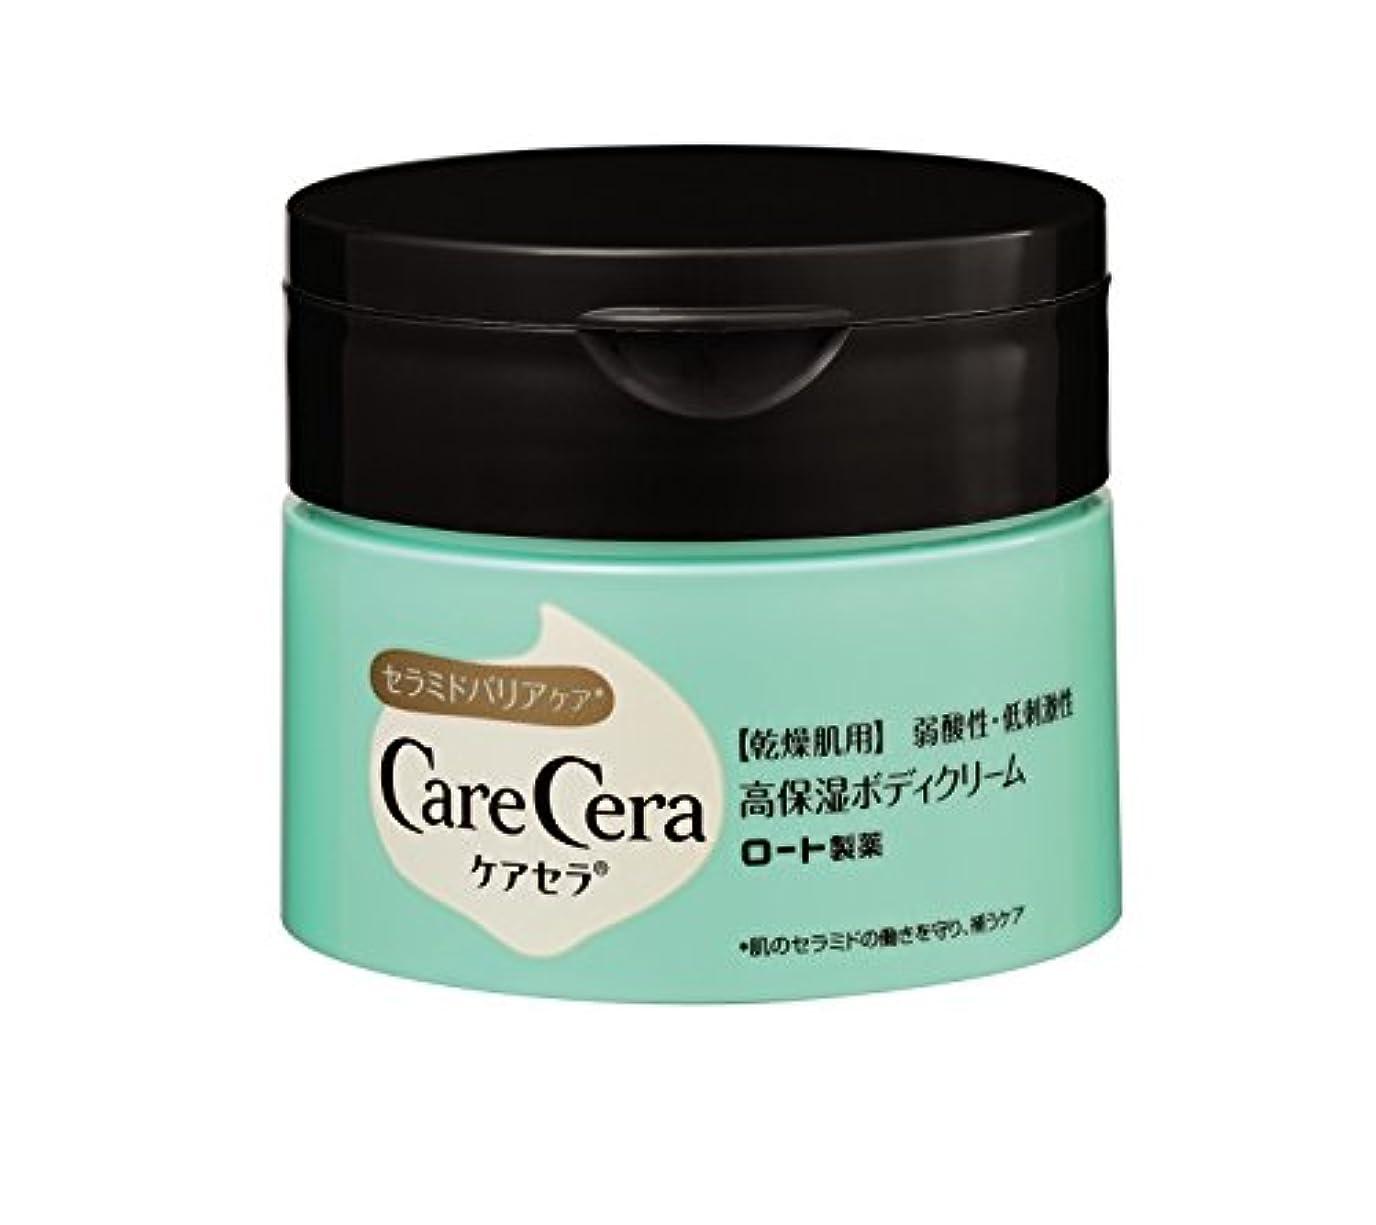 一掃する憎しみ見ましたCareCera(ケアセラ) 高保湿 ボディクリーム 100g